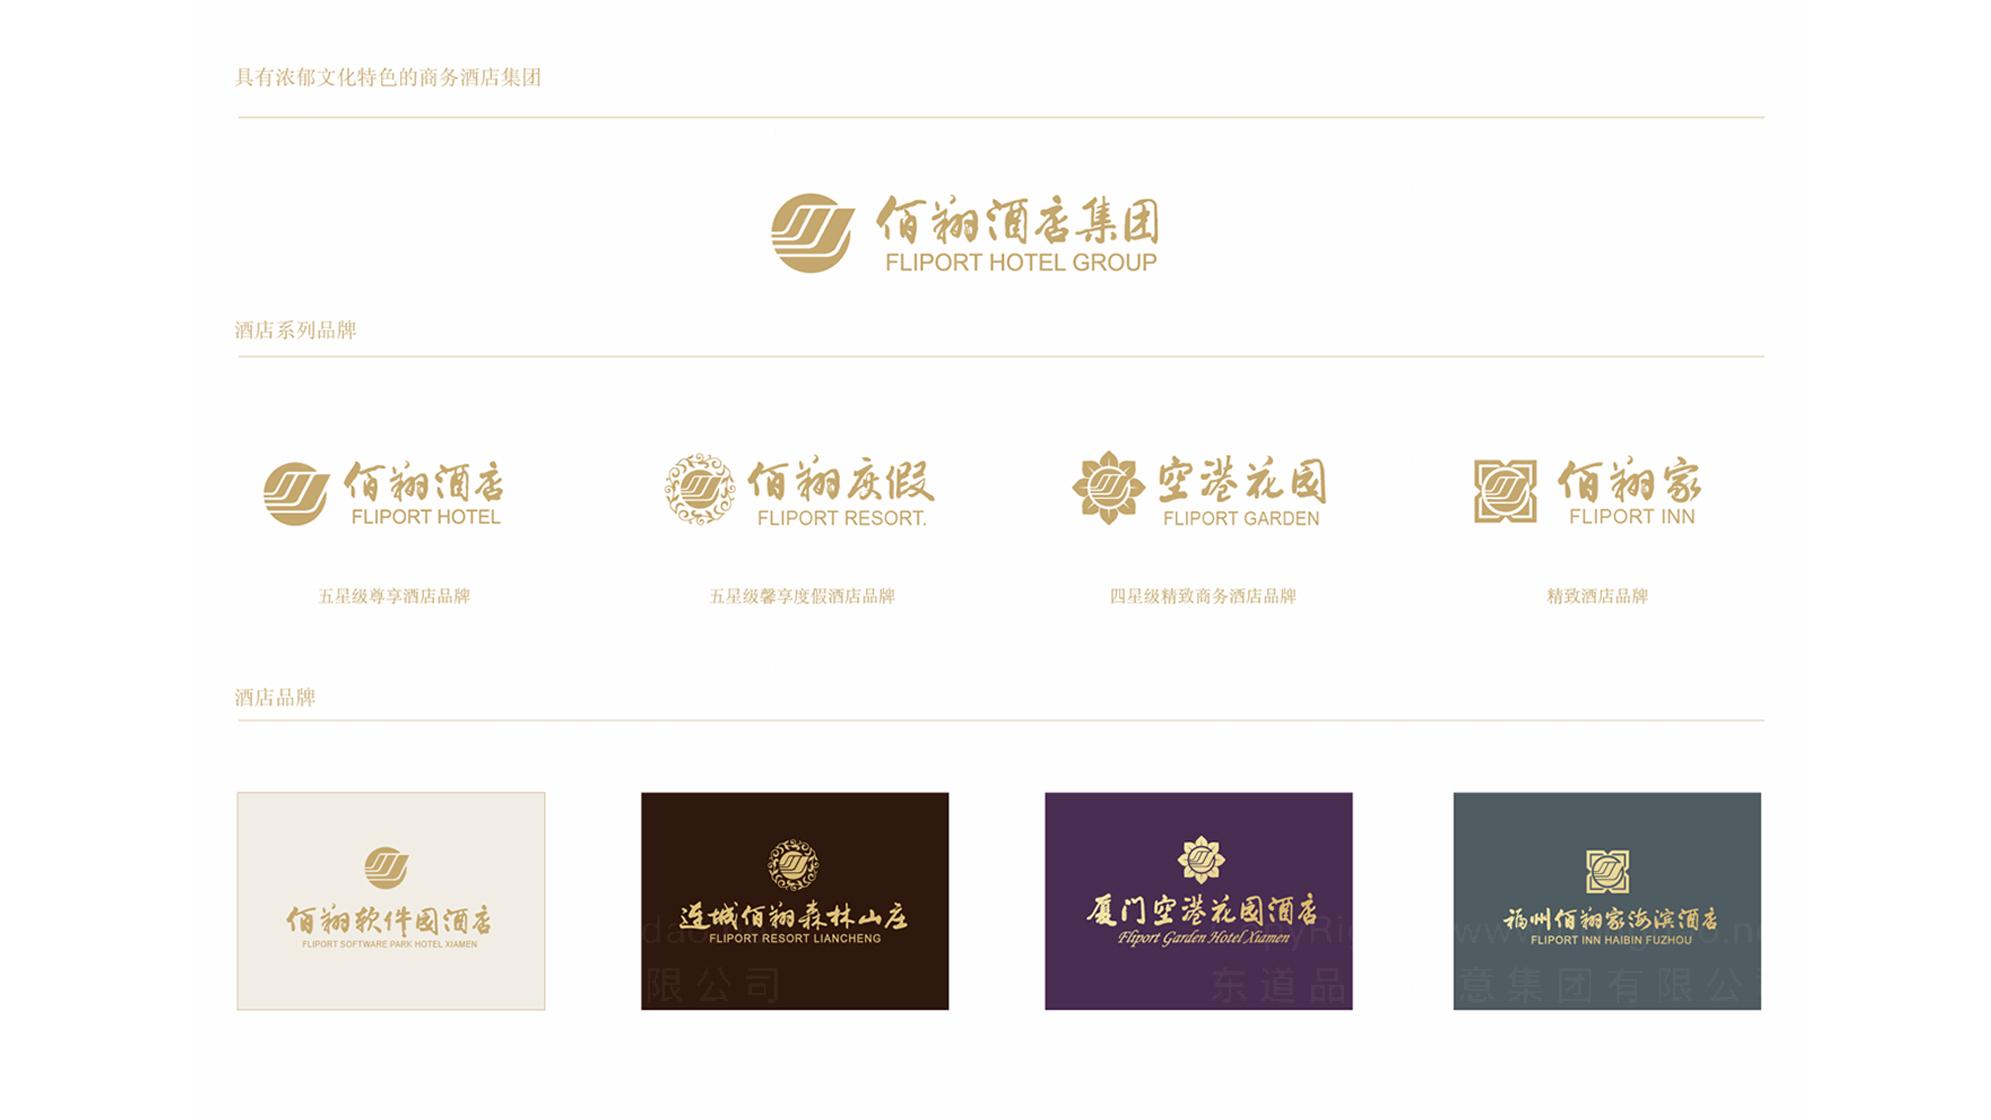 品牌设计翔业集团标志设计应用场景_10